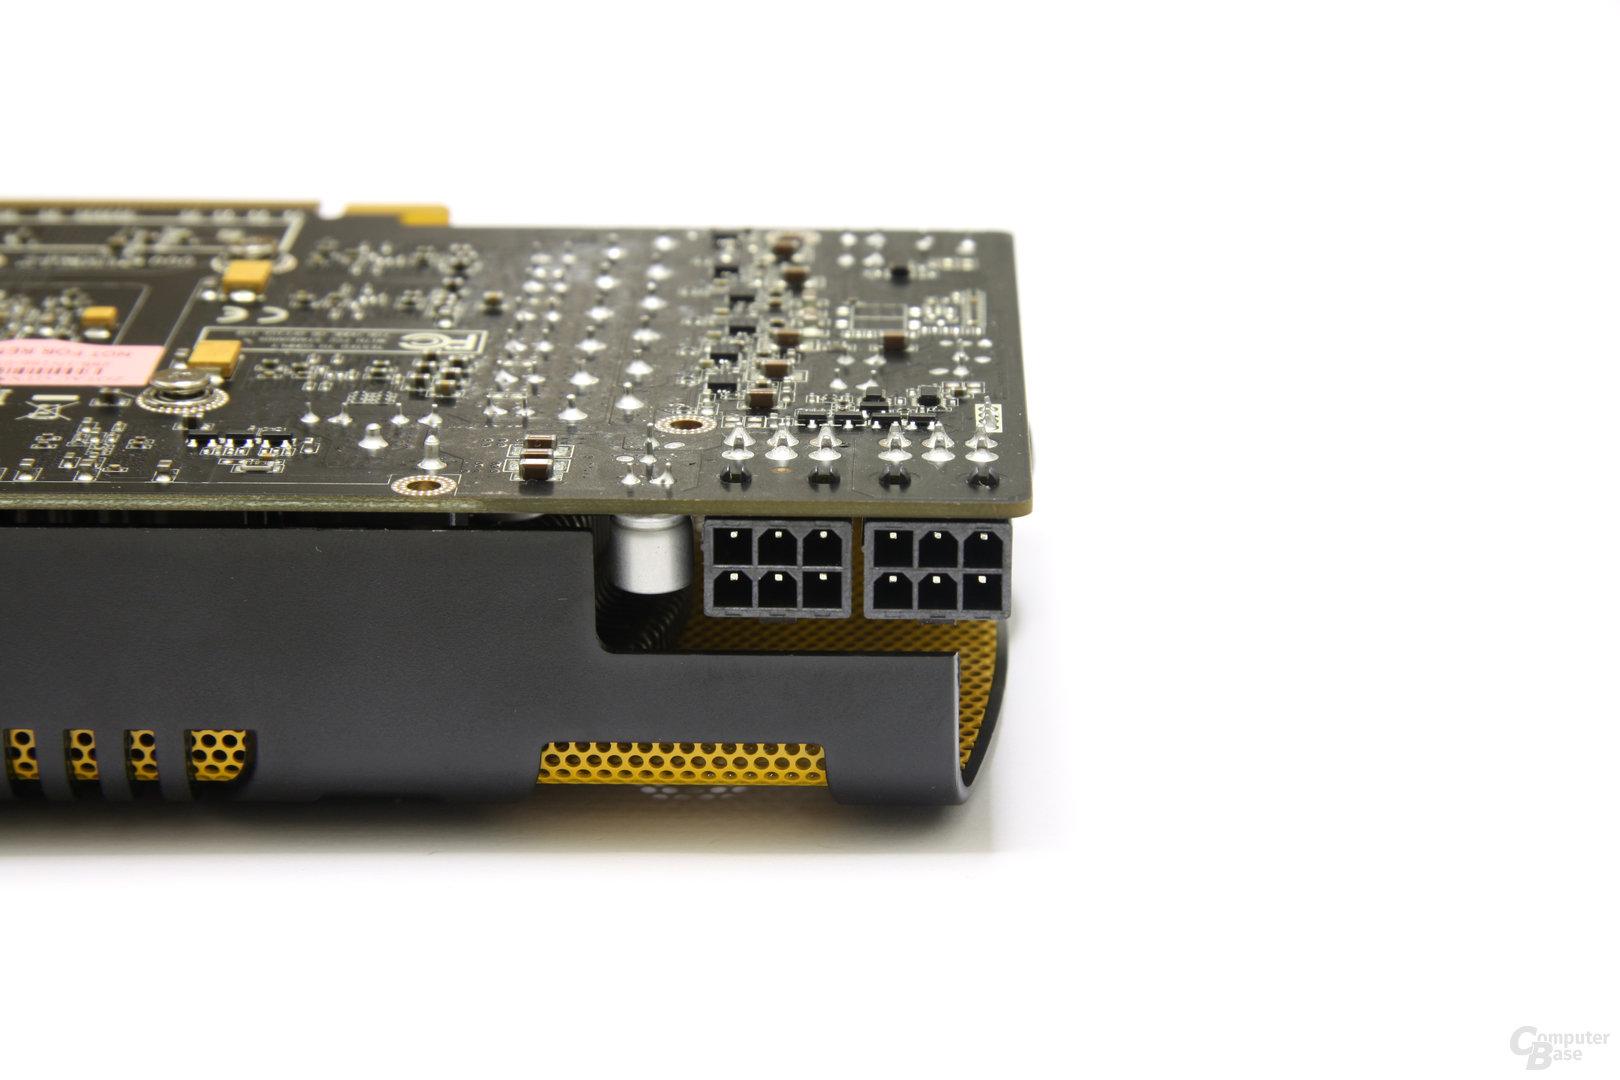 GeForce GTX 560 Ti Stromanschlüsse